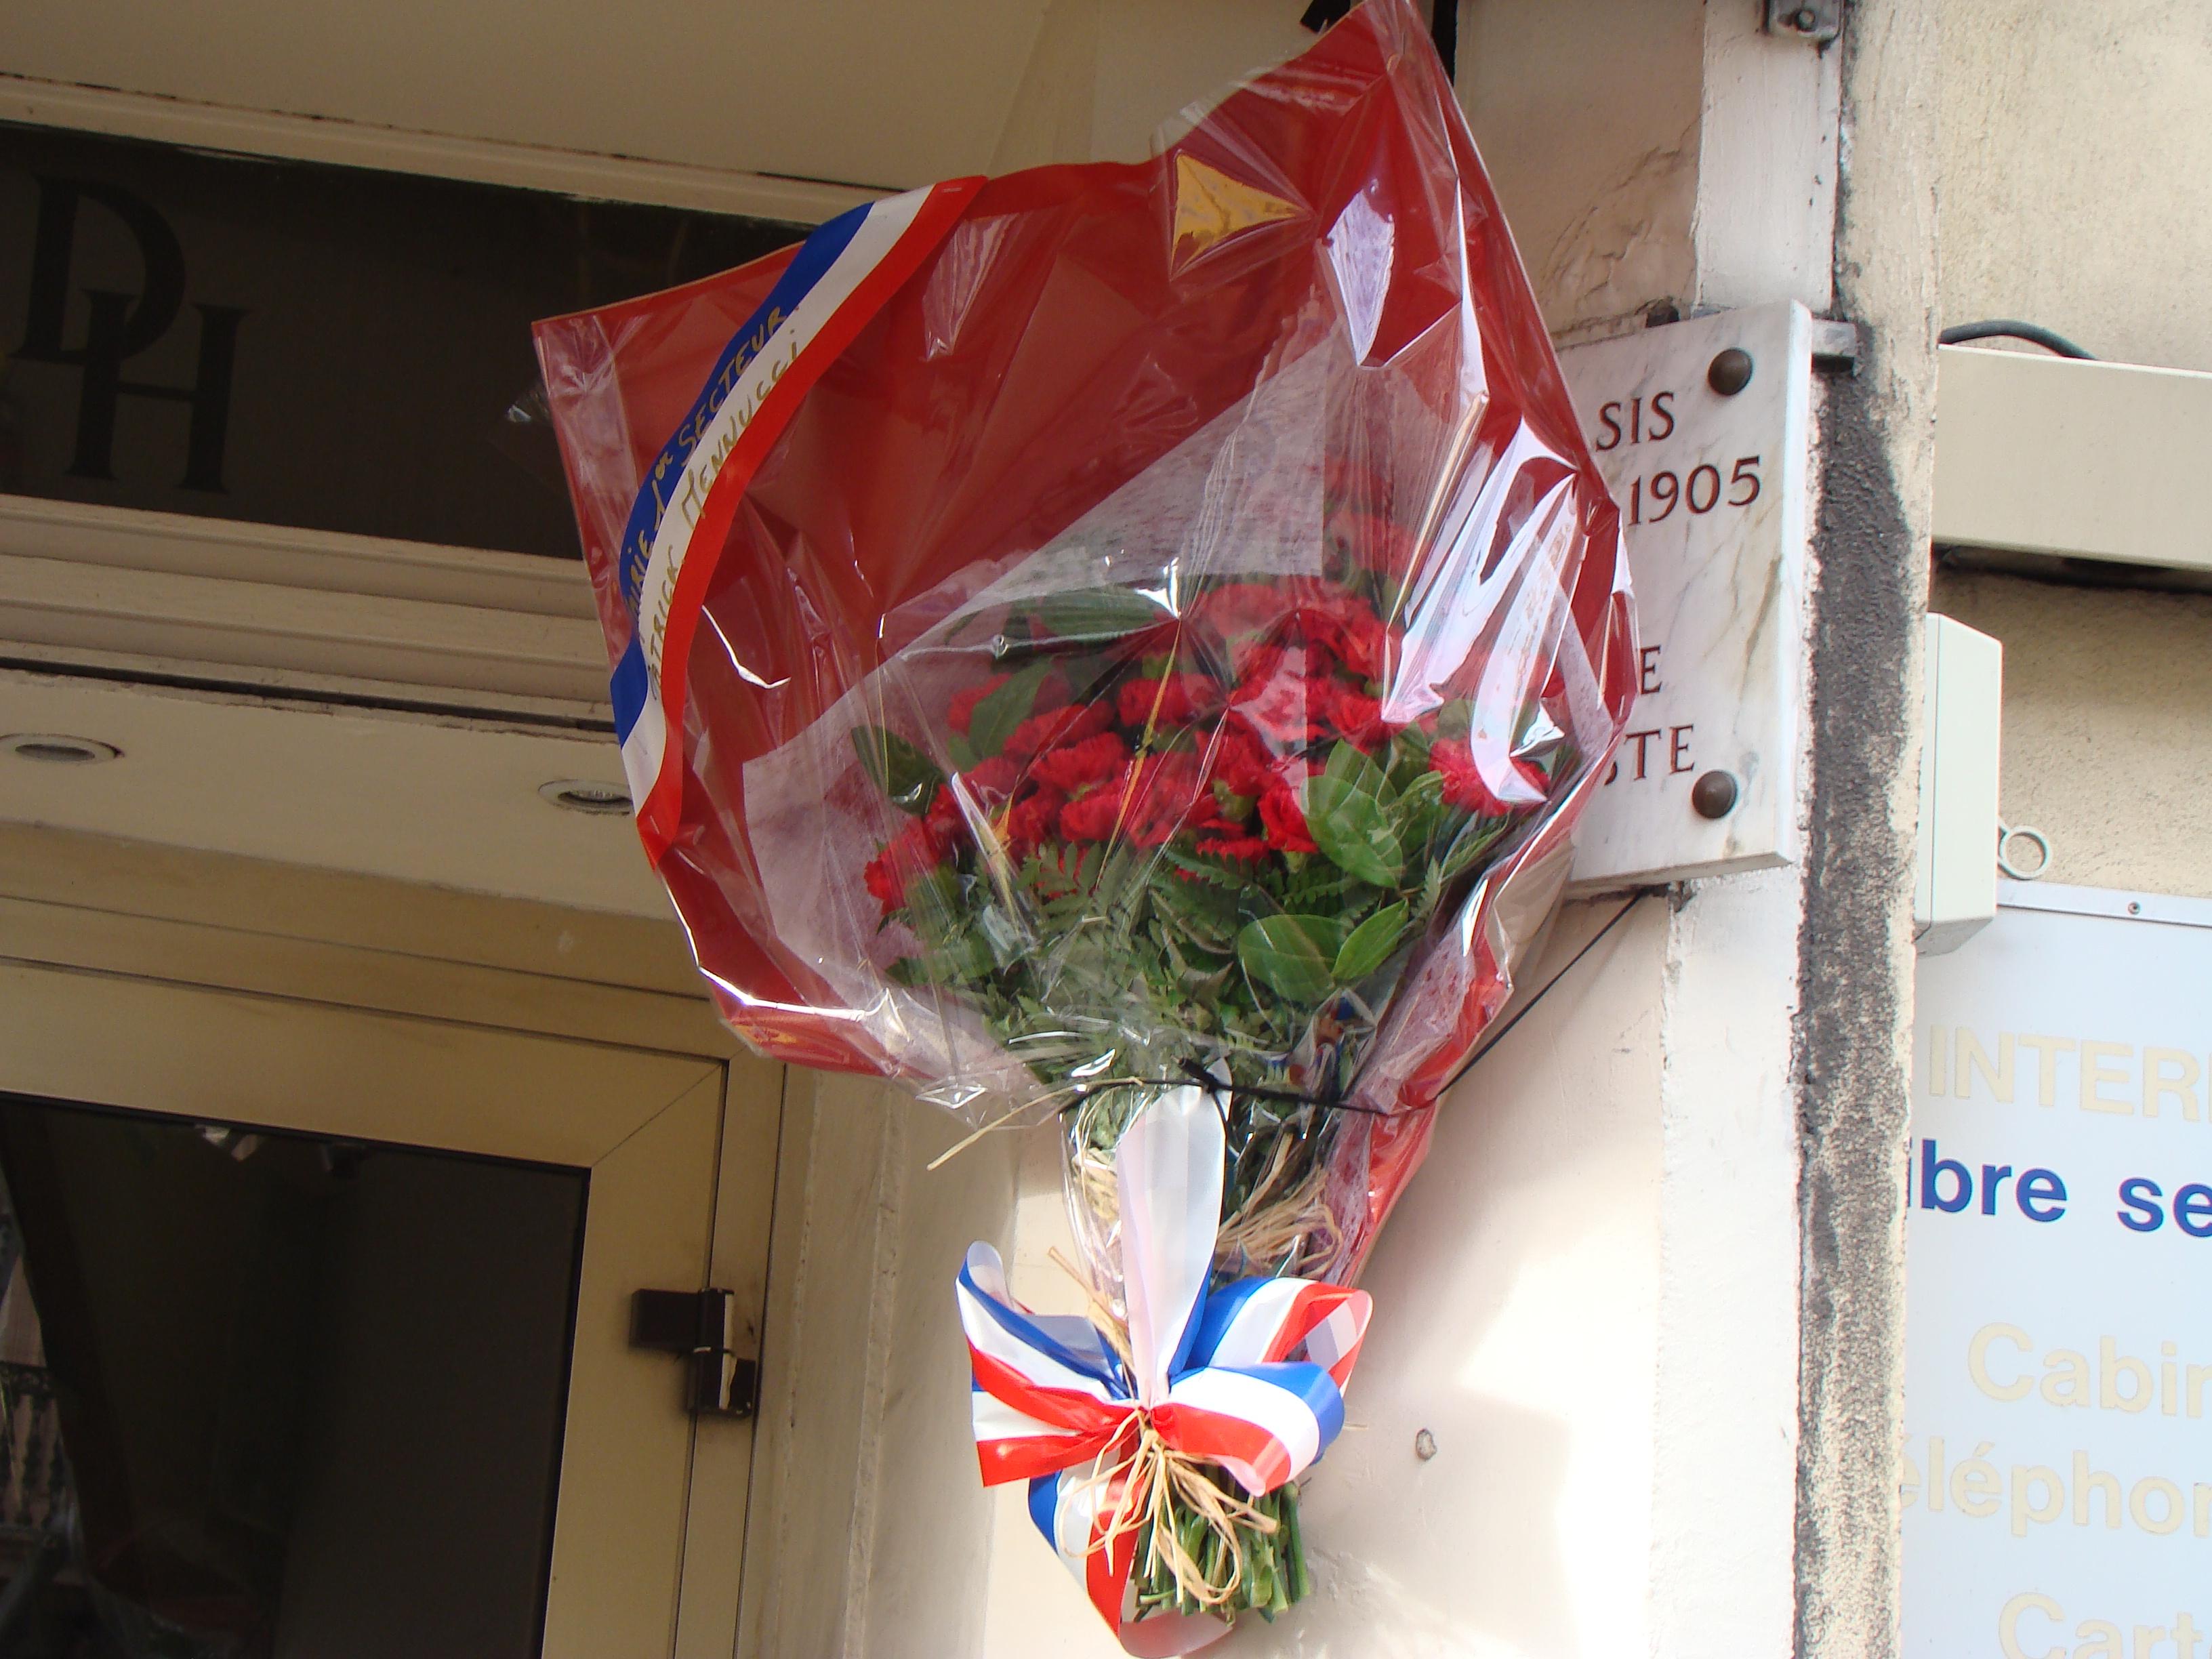 9 janvier, commémoration de la date annivairsaire se la Mort de Louise Michel à Marseille!